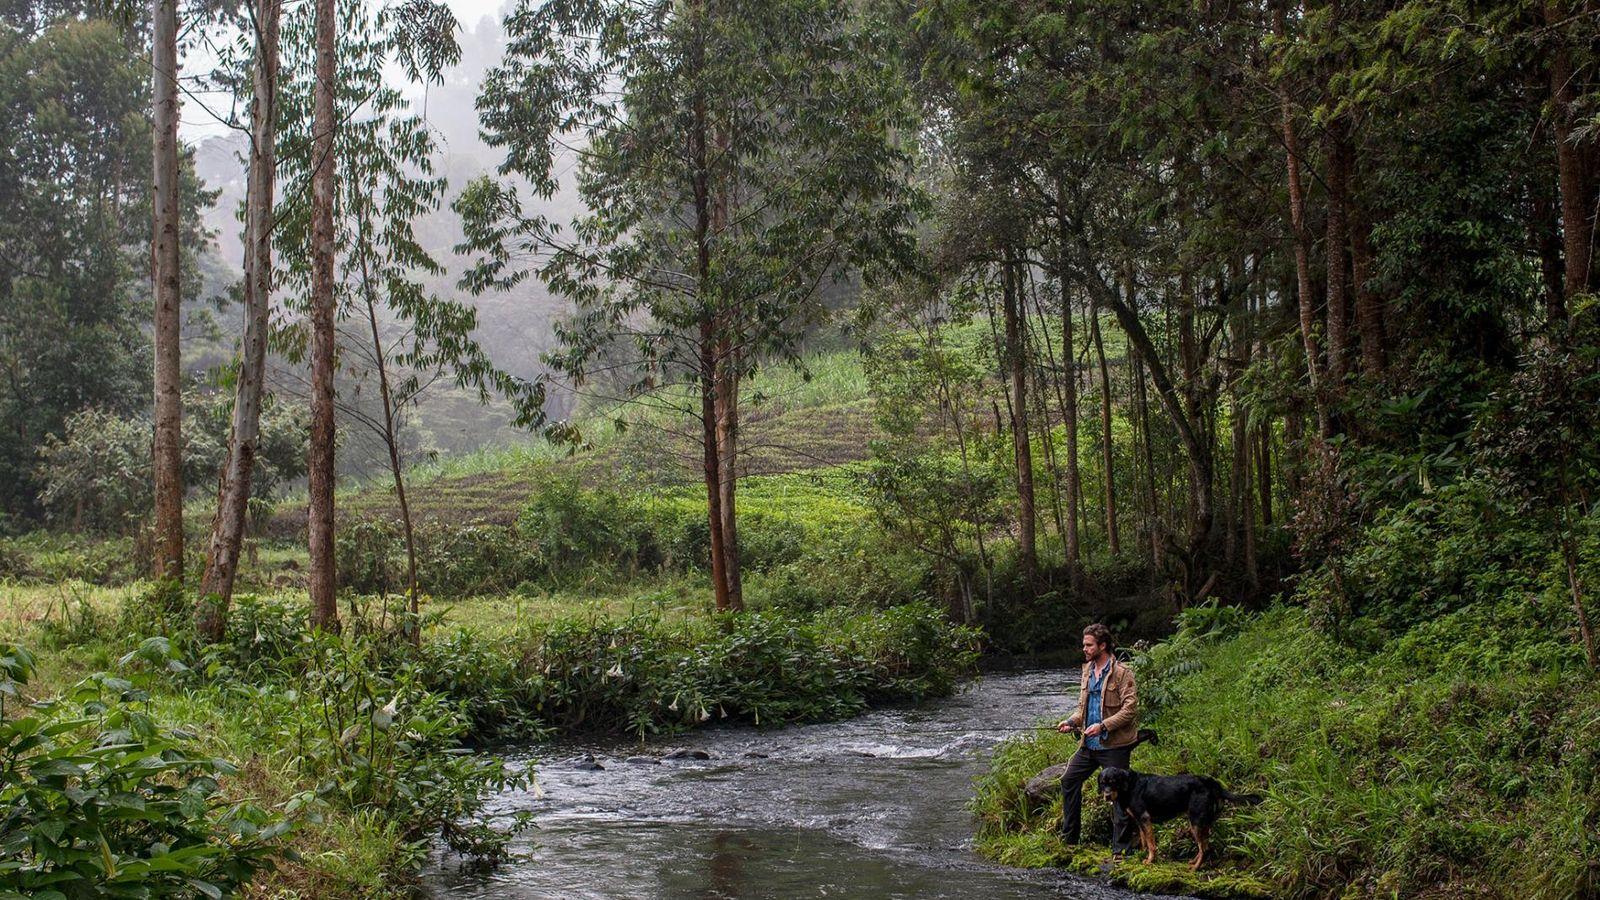 O fotógrafo Pete Muller pesca na companhia do seu cão Mosi na margem do rio Mathioya.